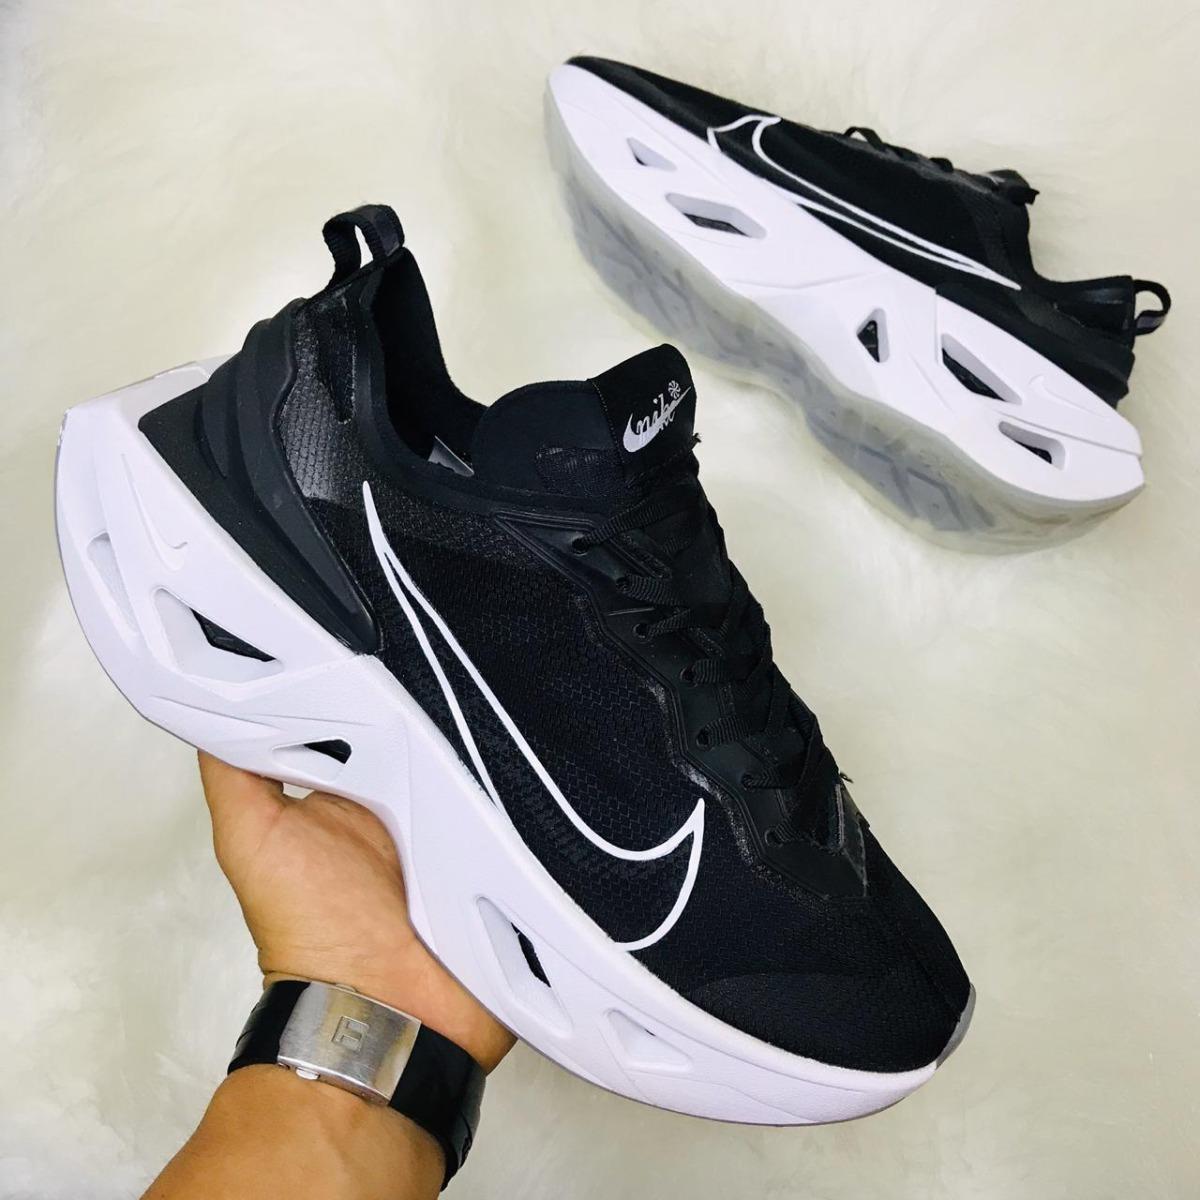 Zapatillas Tenis Nike Zoom X Vista Grind W Hombre Original